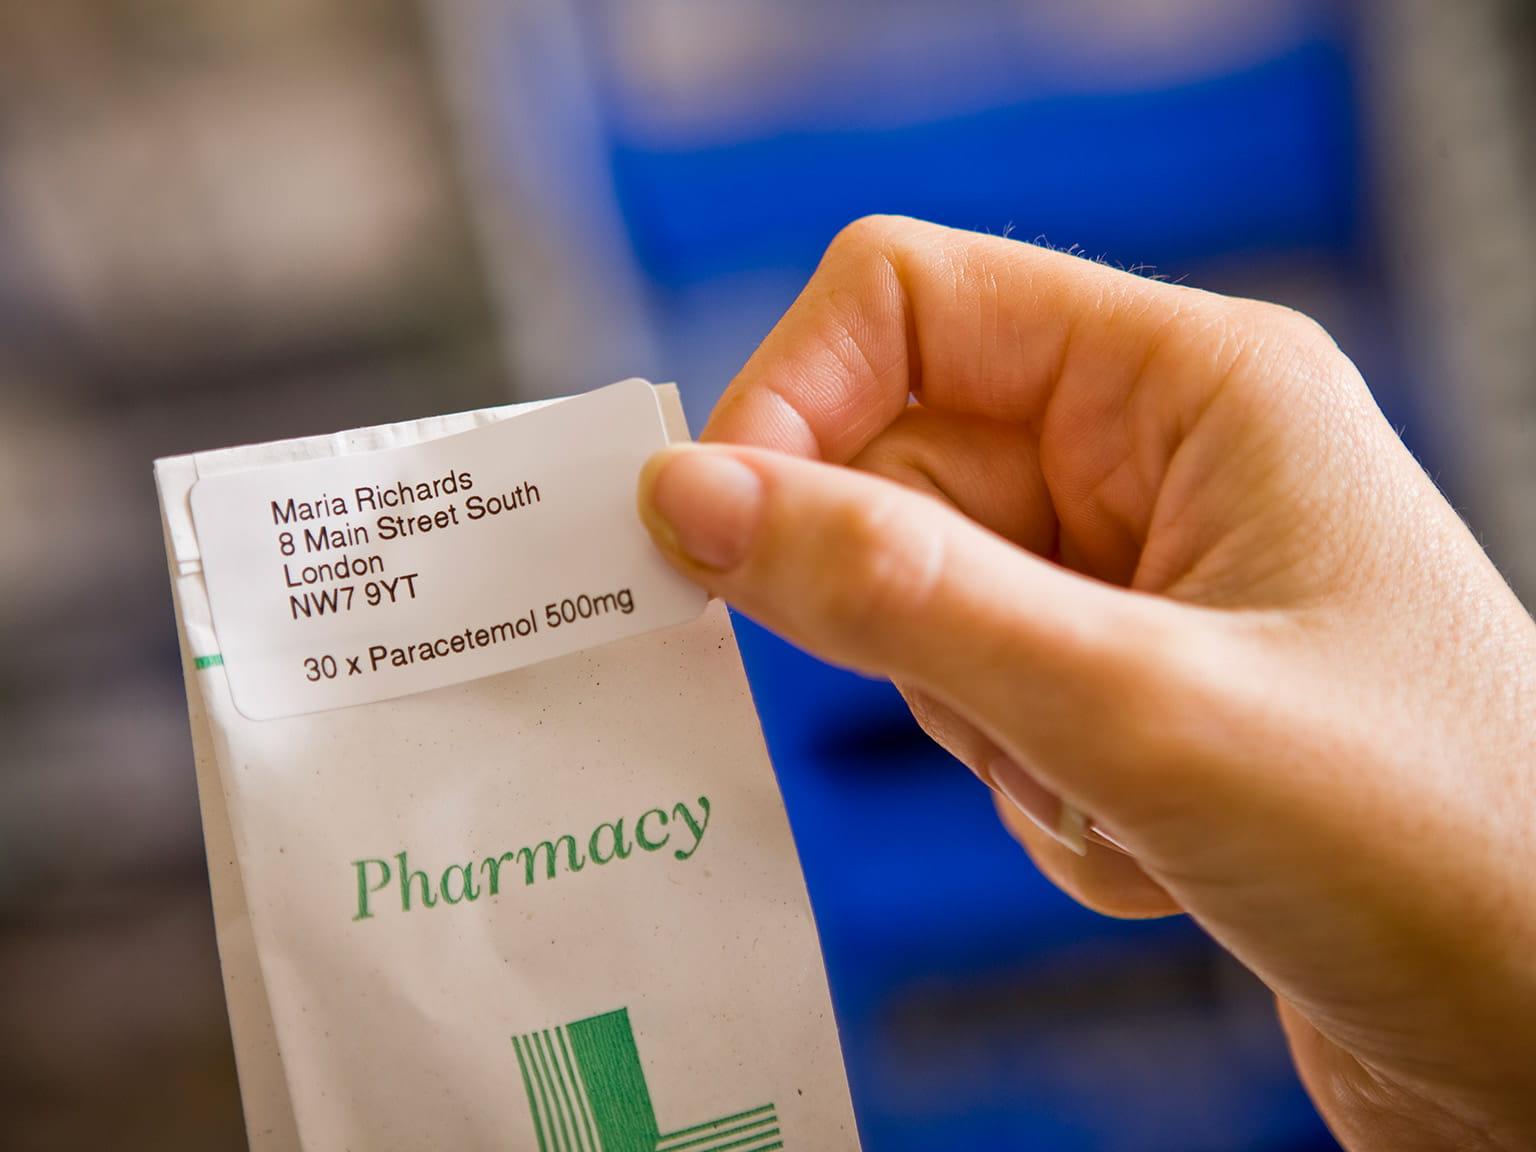 Etichetă pungă cu medicamente